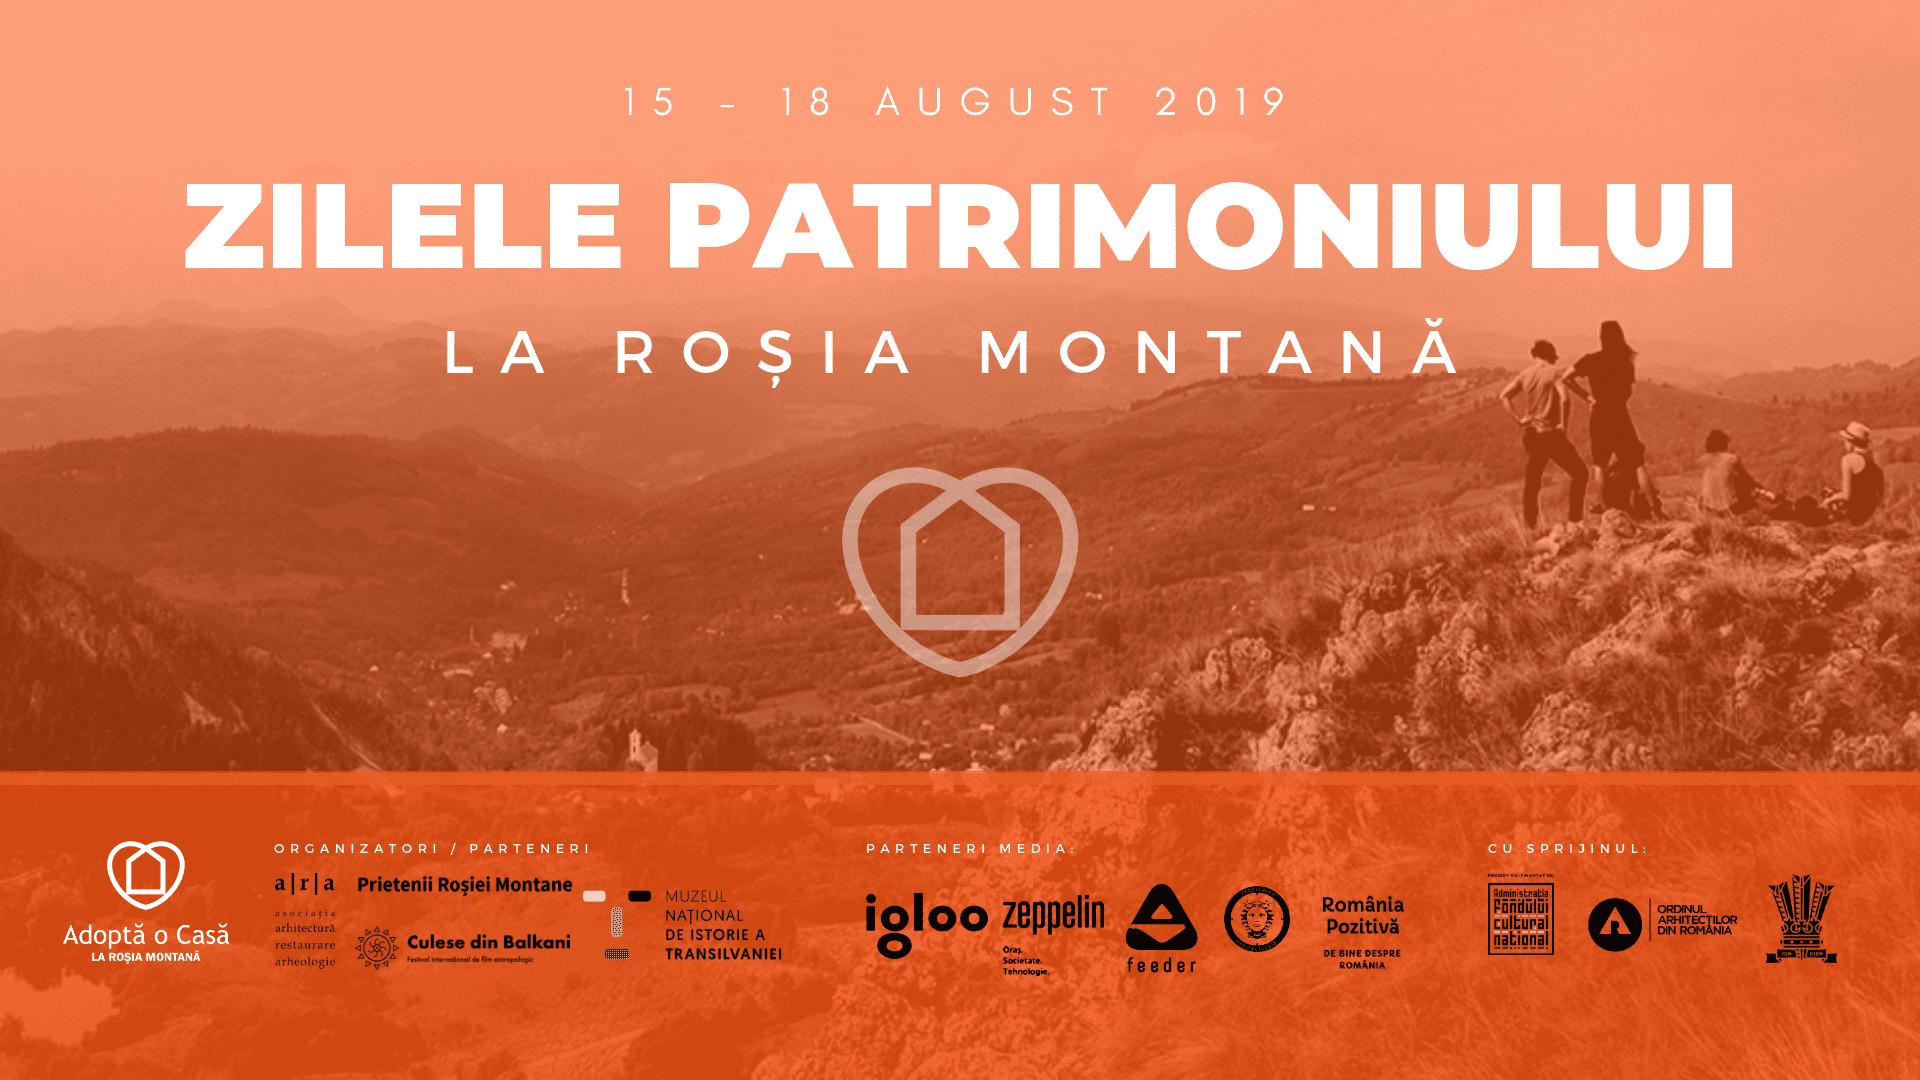 Zilele Patrimoniului la Roșia Montană, 15-18 august 2019